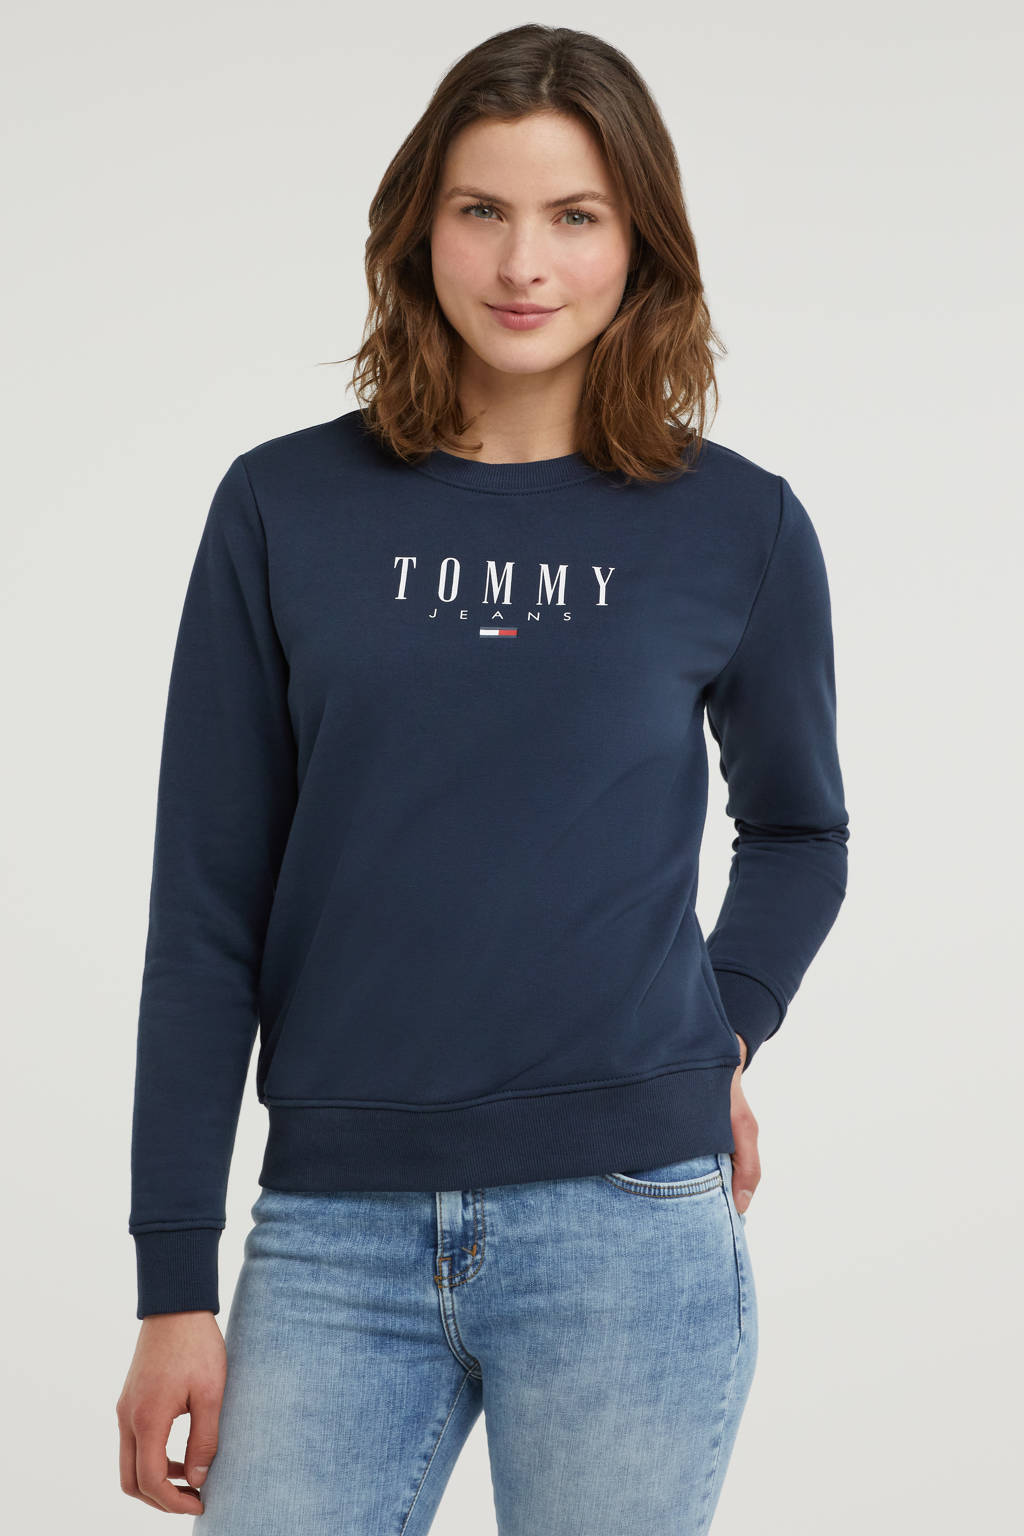 Tommy Jeans sweater van biologisch katoen donkerblauw/wit, Donkerblauw/wit